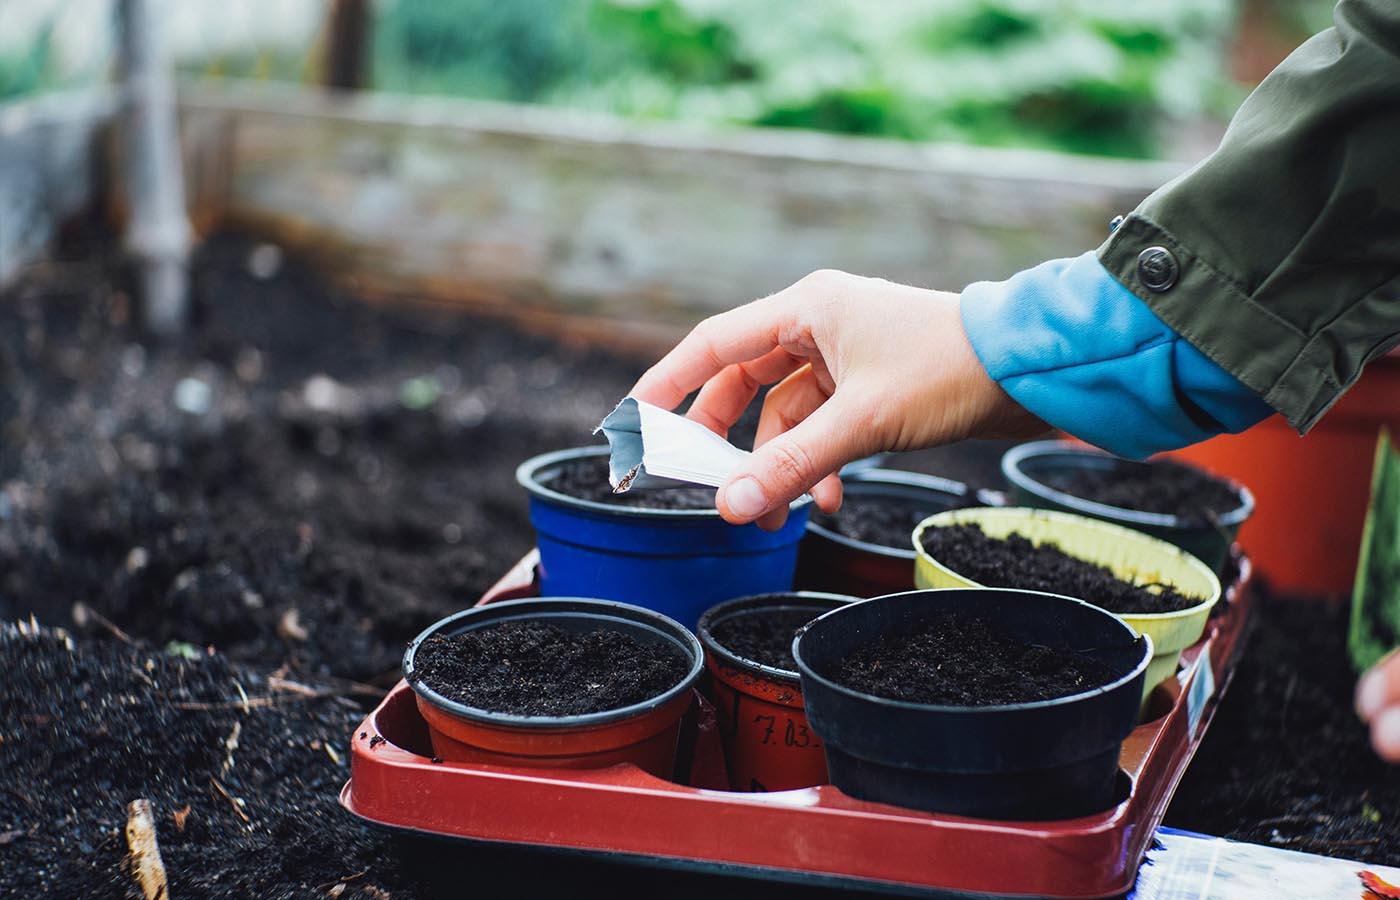 Toward Planting Seeds